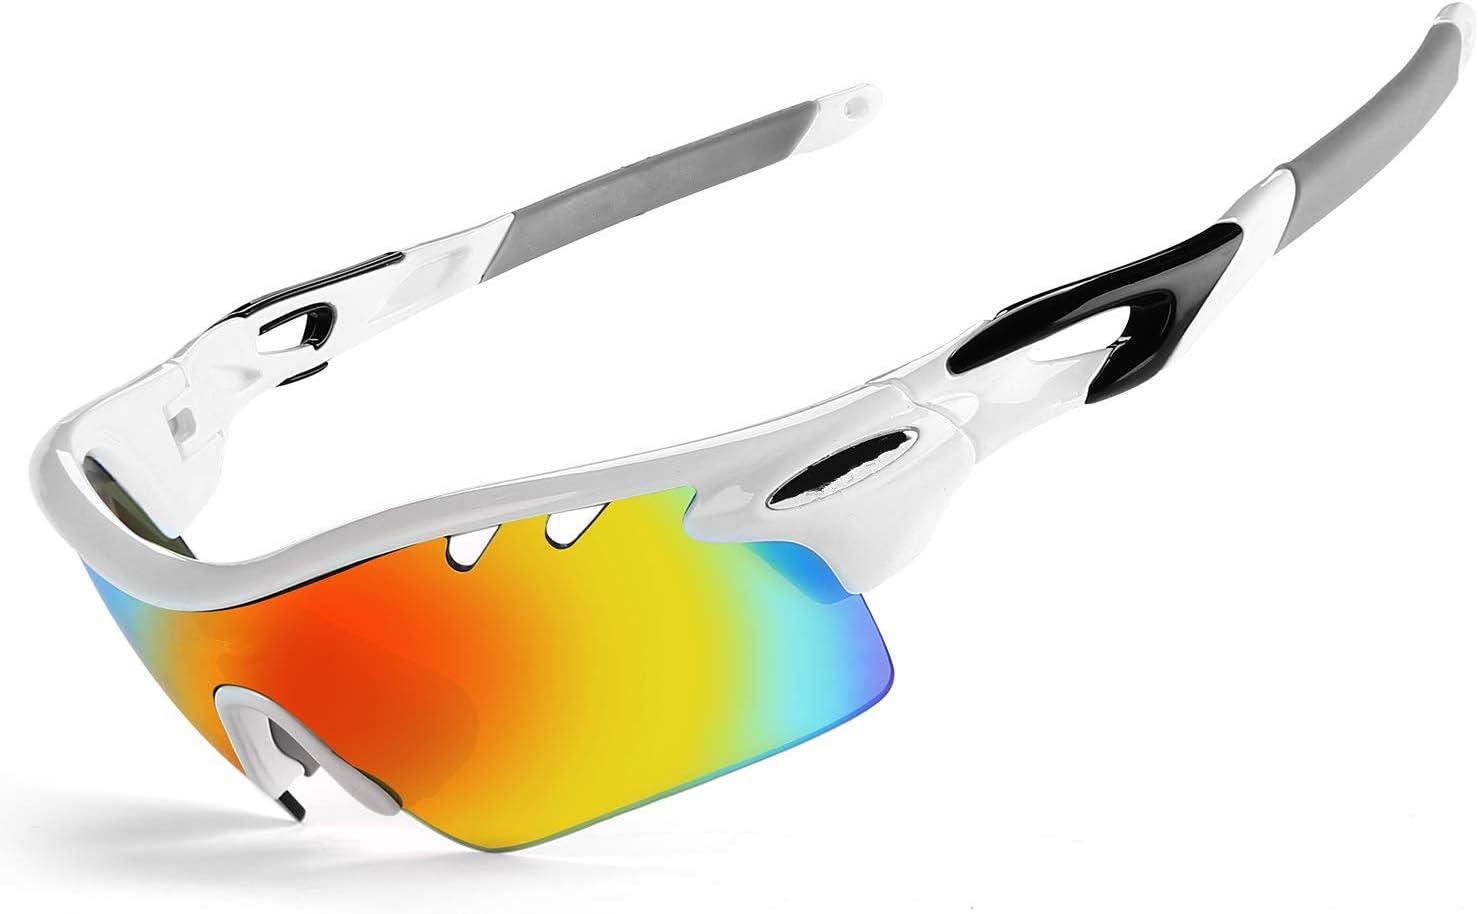 JOGVELO Gafas de Sol polarizadas Deportes, Gafas de Ciclismo para Hombre antivaho UV400 con 5 Lentes Intercambiables para Correr, Conducir, béisbol: Amazon.es: Deportes y aire libre